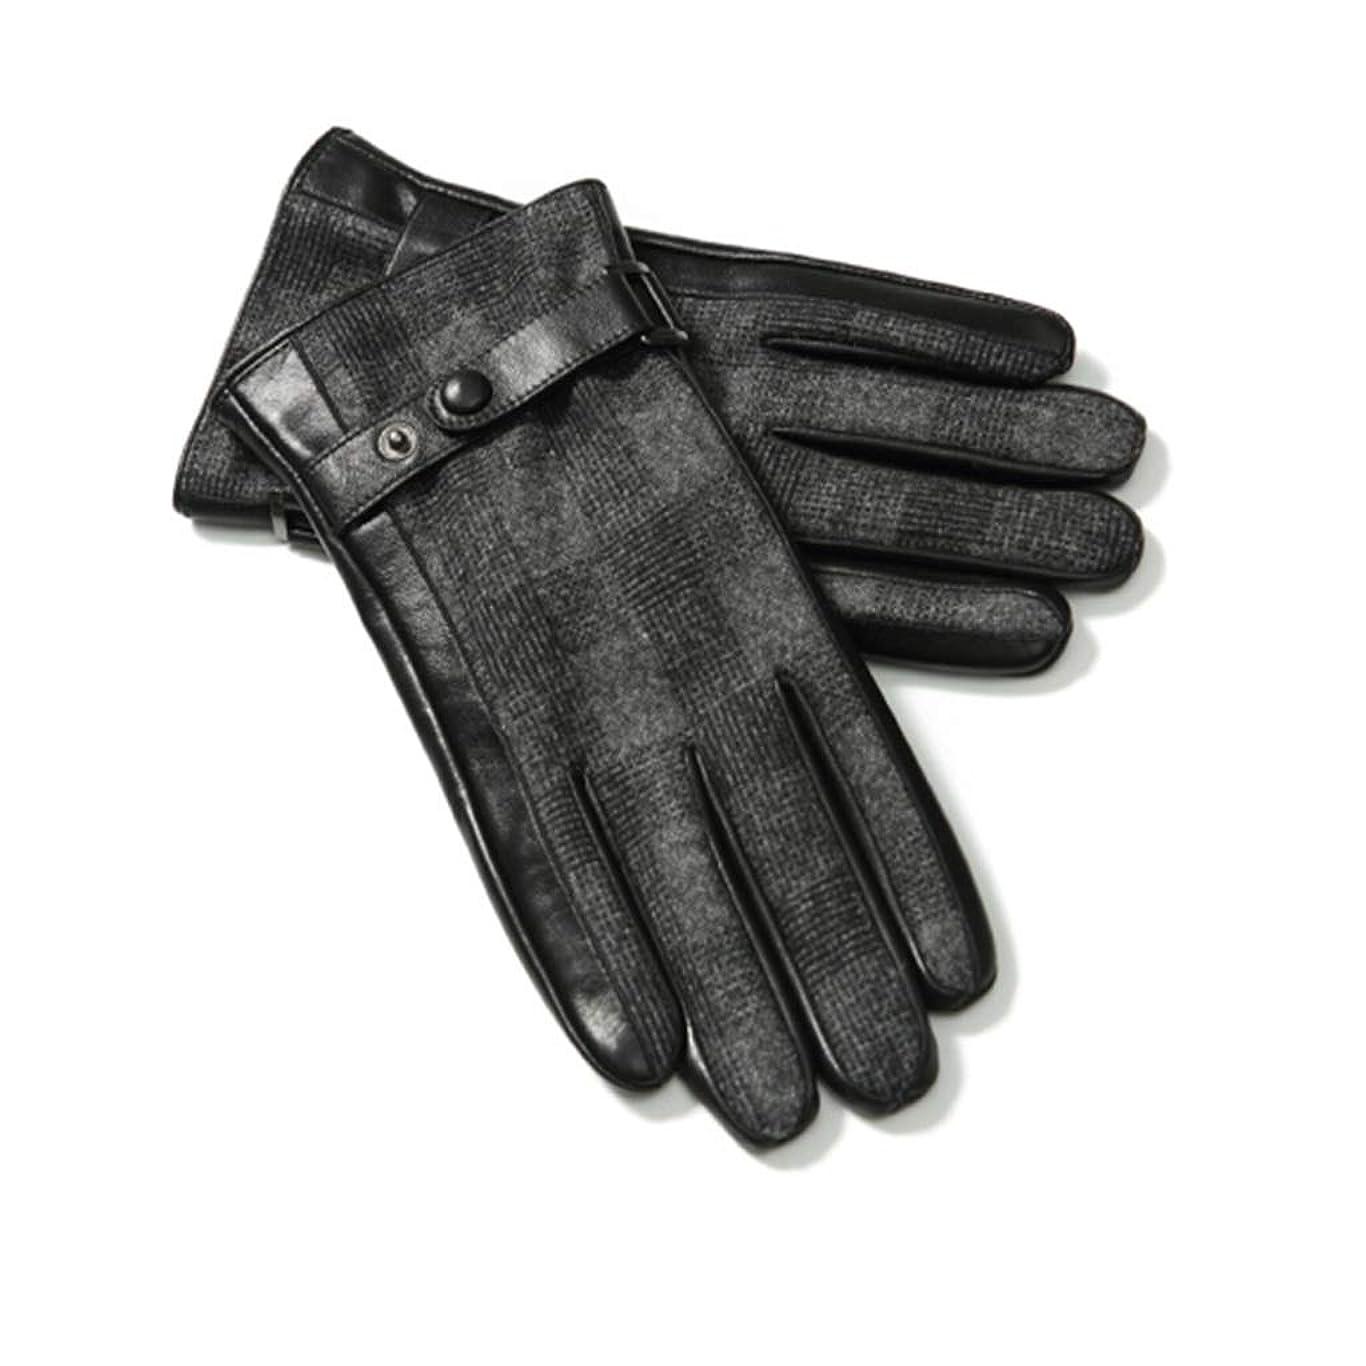 観光に行く押し下げるオペラレザーグローブメンズ秋冬ファッションプラスベルベット厚い暖かい防風コールドライディングバイクタッチスクリーンレザーグローブ男性ギフトボックスGLZ003 Lコード